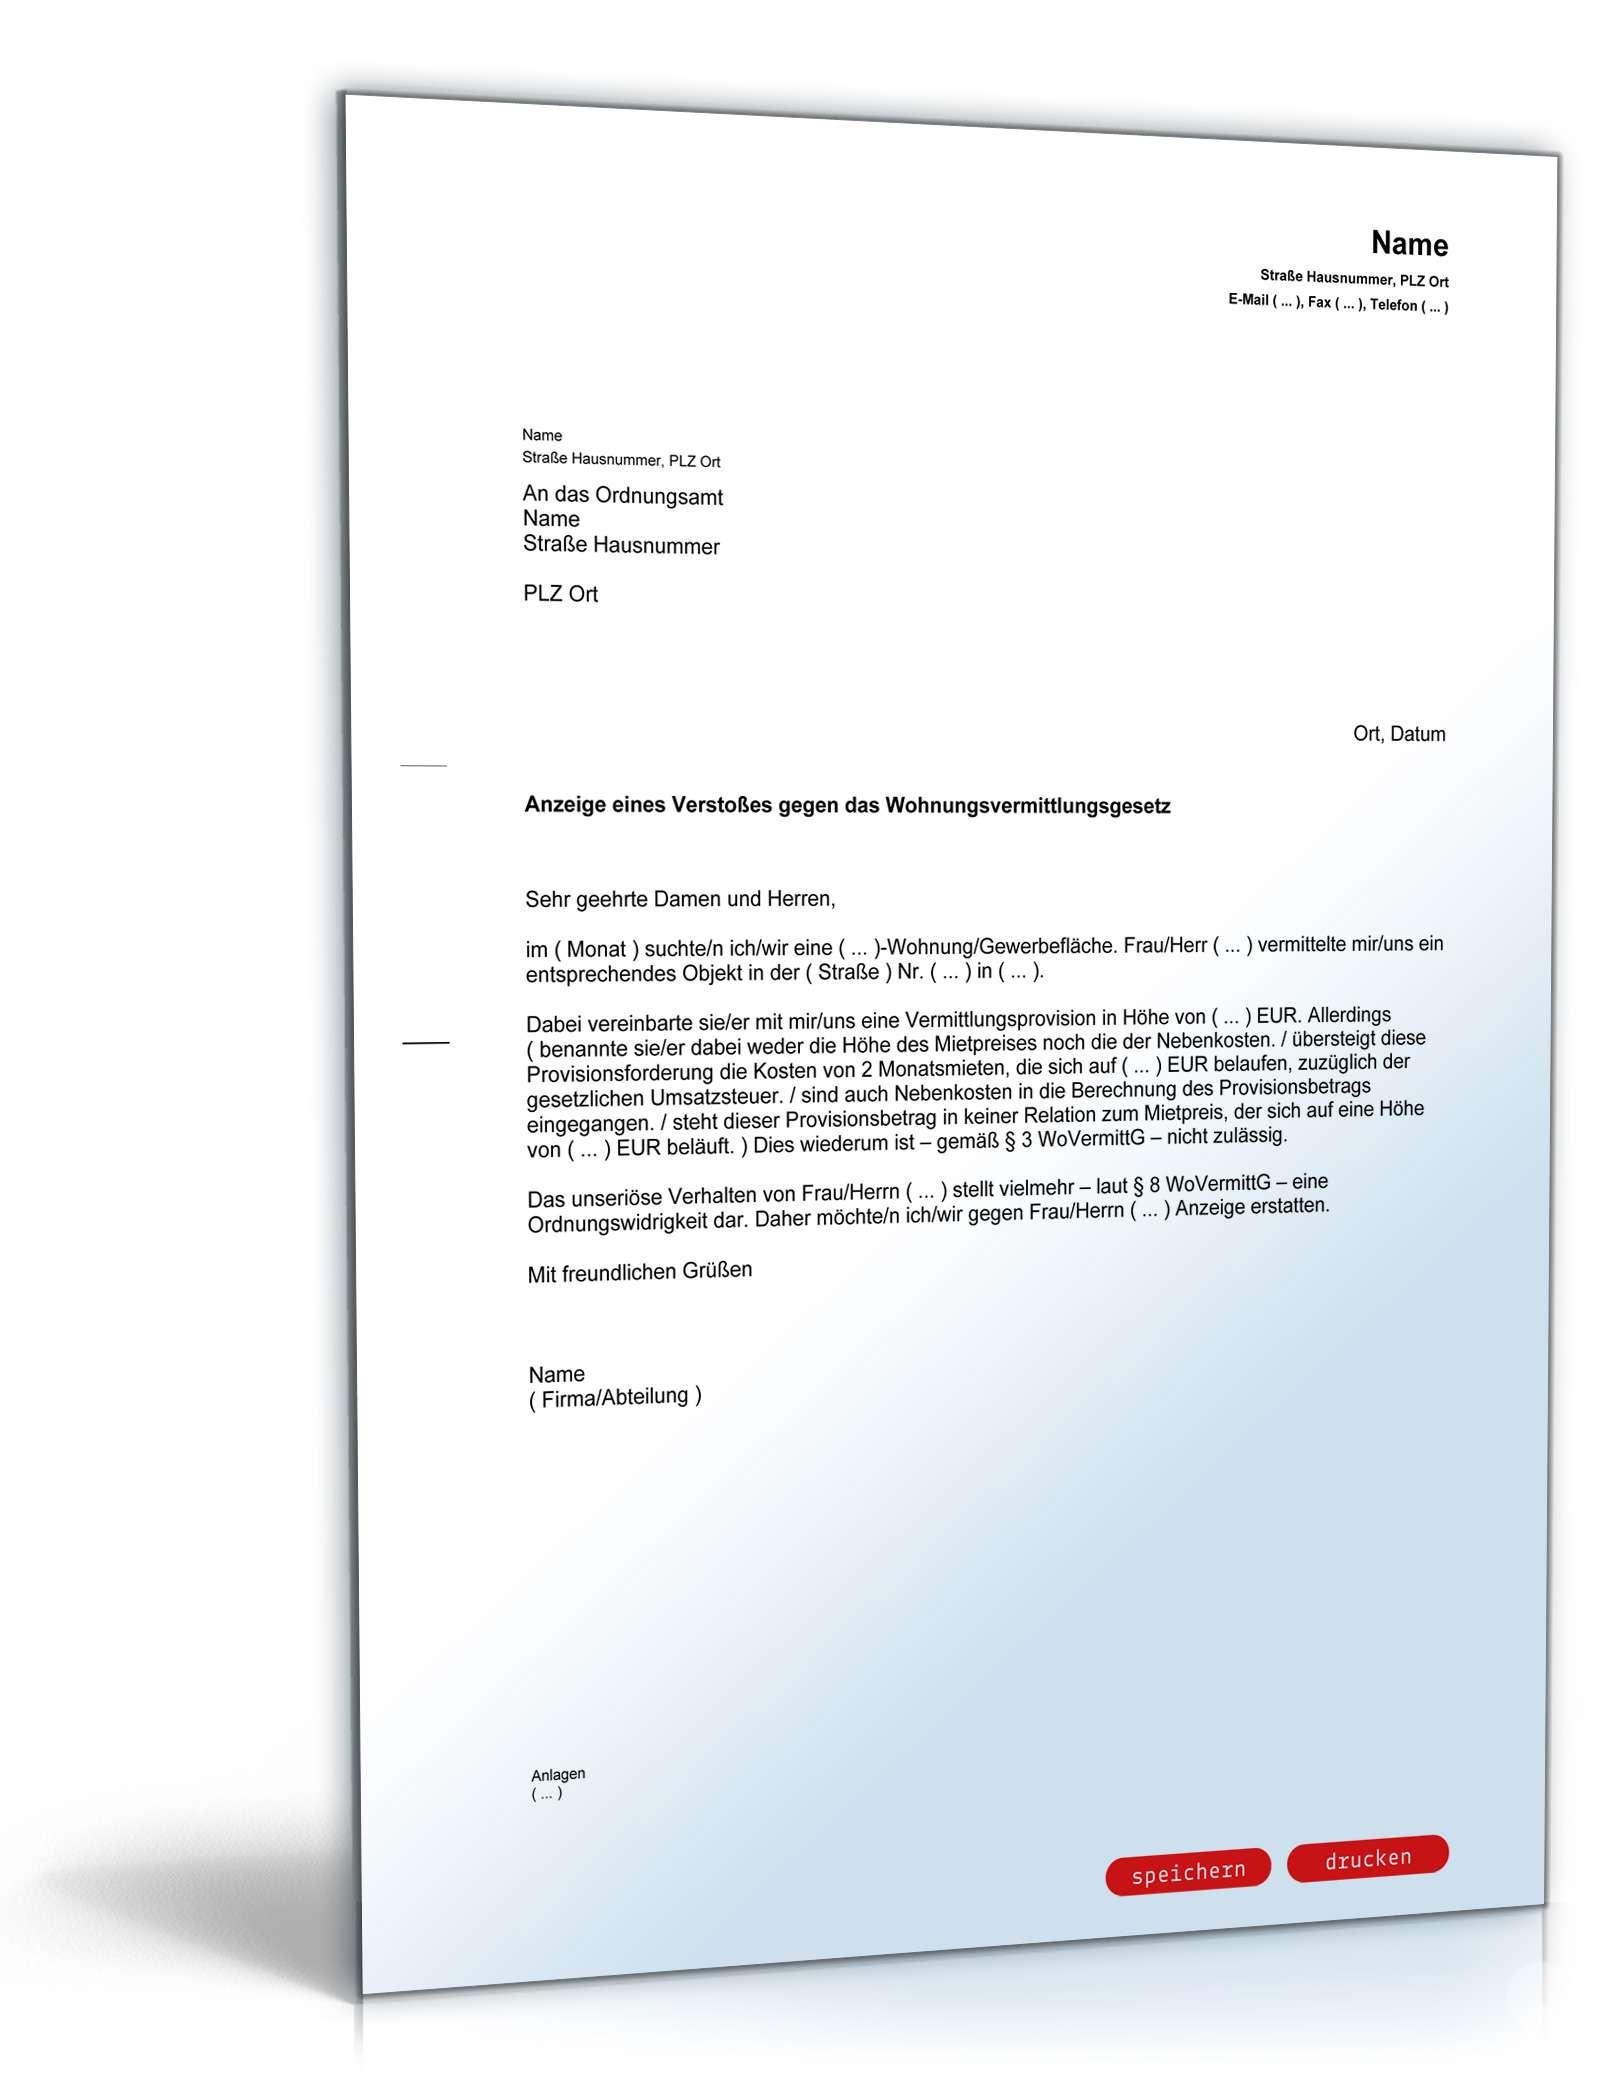 Anzeige Verstoß Gegen Wohnungsvermittlungsgesetz Muster Zum Download